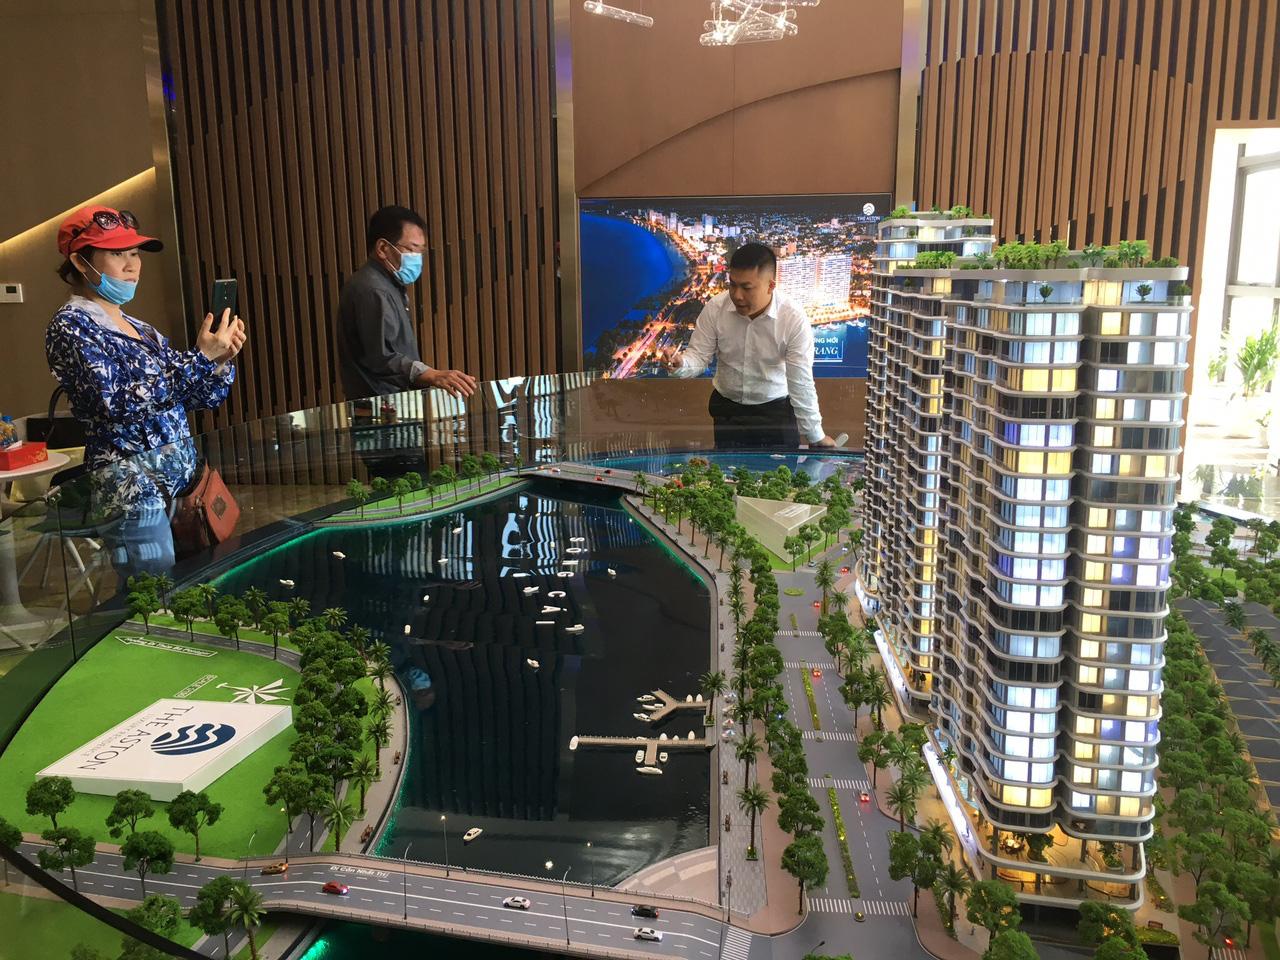 Khánh Hòa: Dự án The Aston Luxury Residence - Nha Trang lách luật để huy động vốn và rao bán rầm rộ - Ảnh 1.